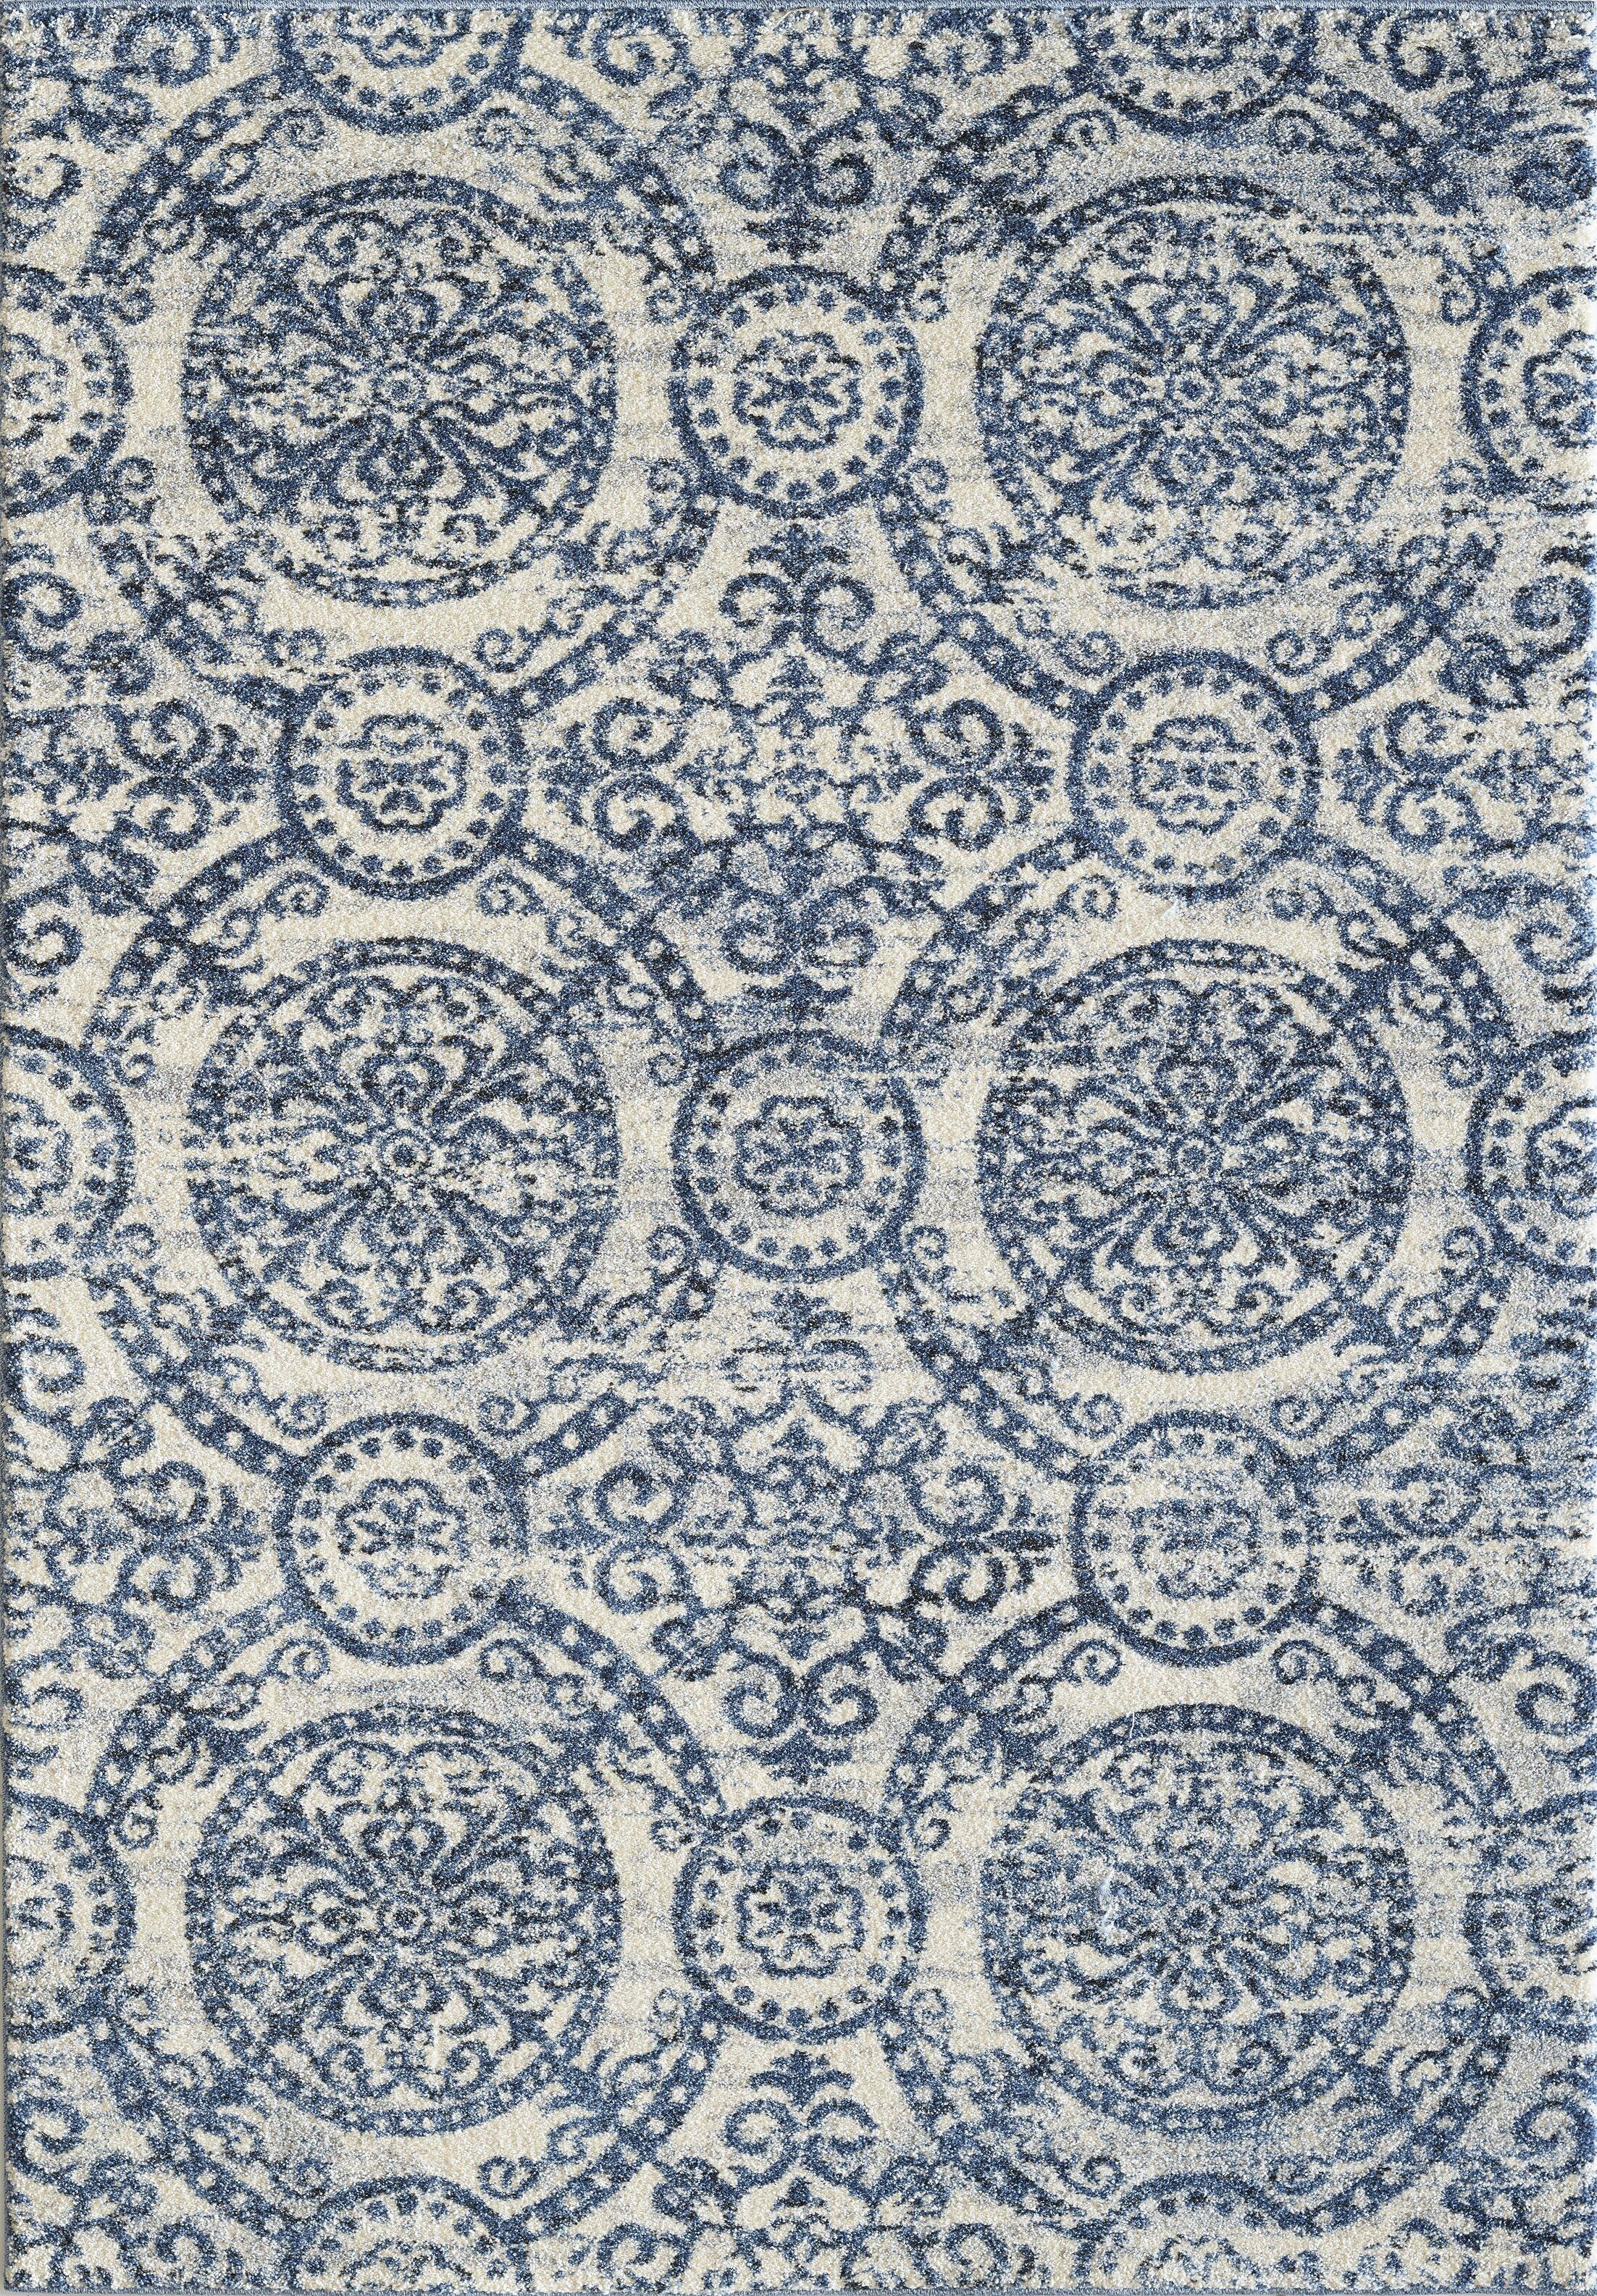 Pascua Blue Area Rug Rug Size: Rectangle 5'3